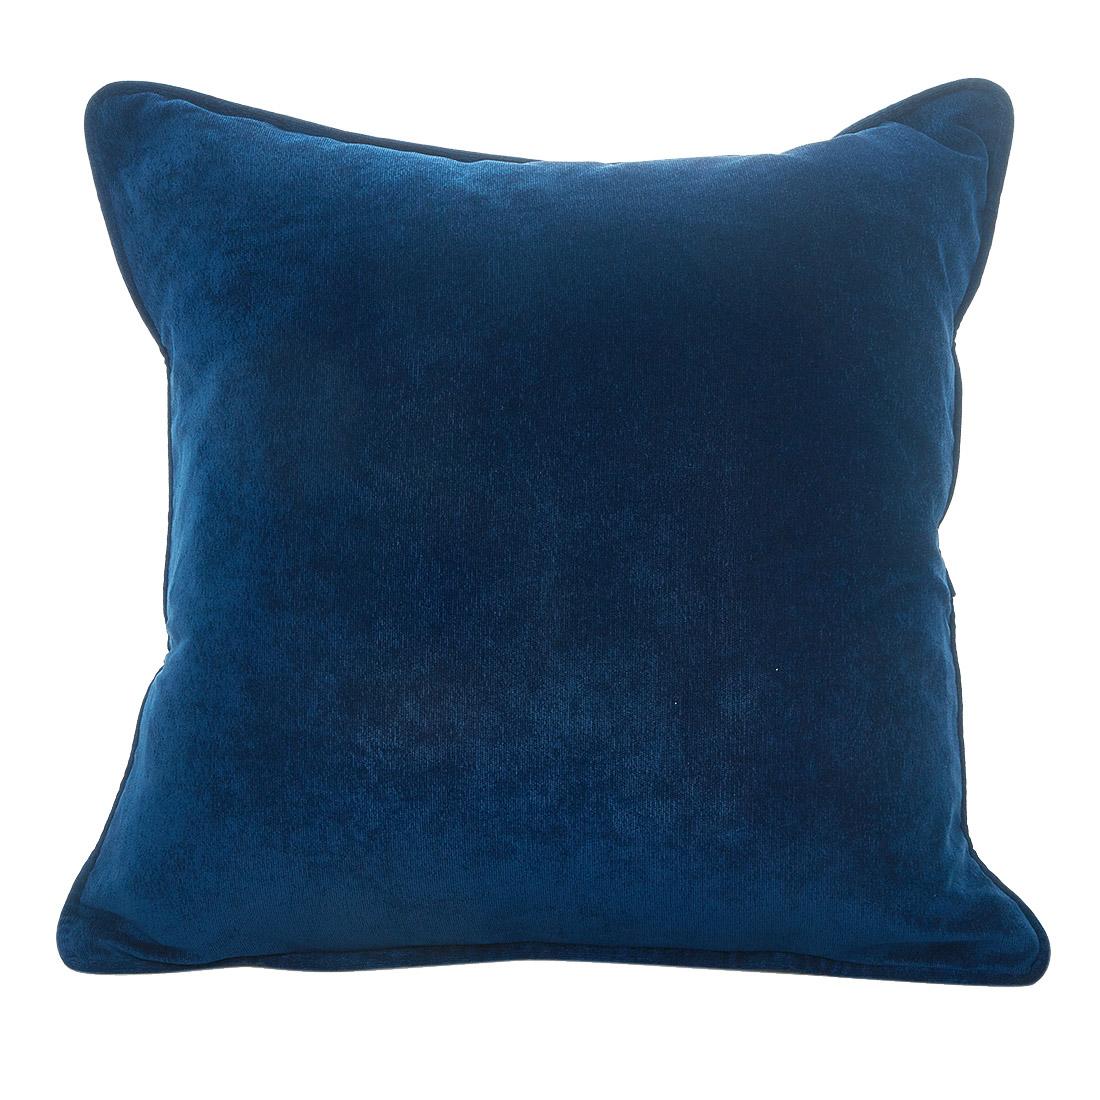 Rib Velour Navy Cushion